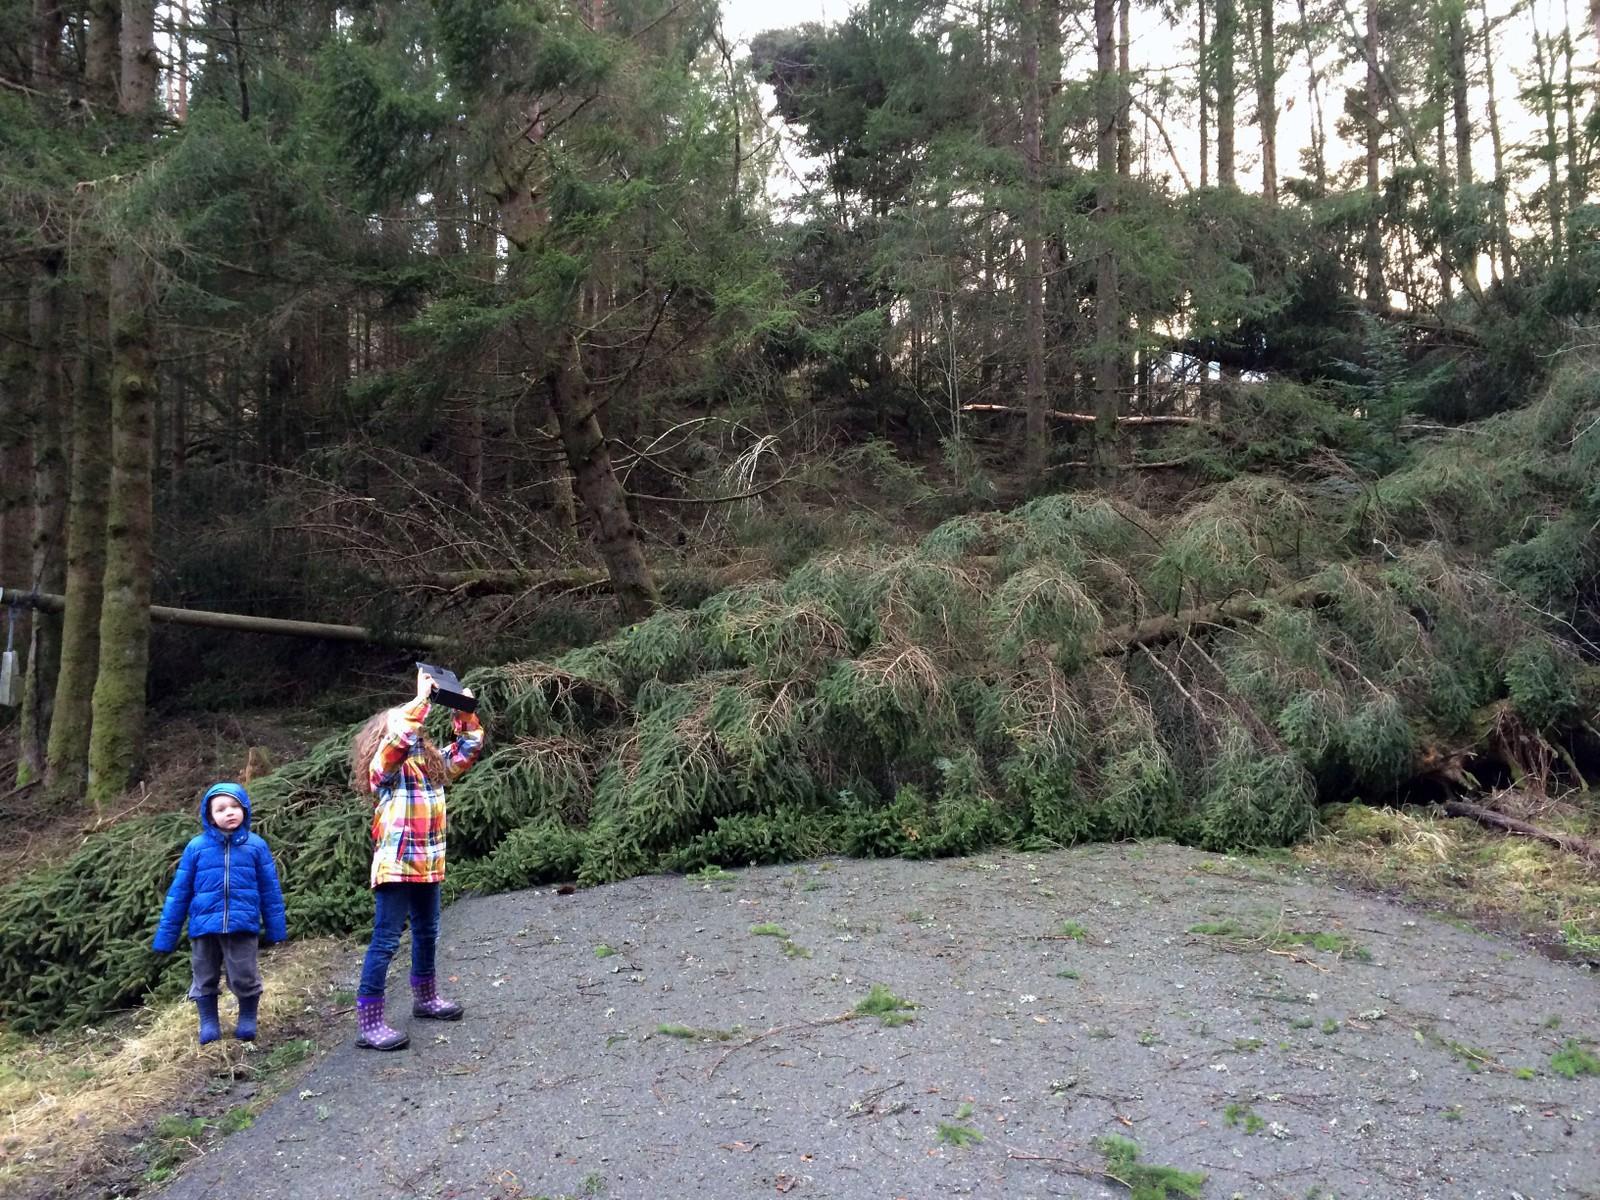 Spesiell søndagstur. Trær over hele fylket ligger nede, og mange er ute på tur for å se på skadene.